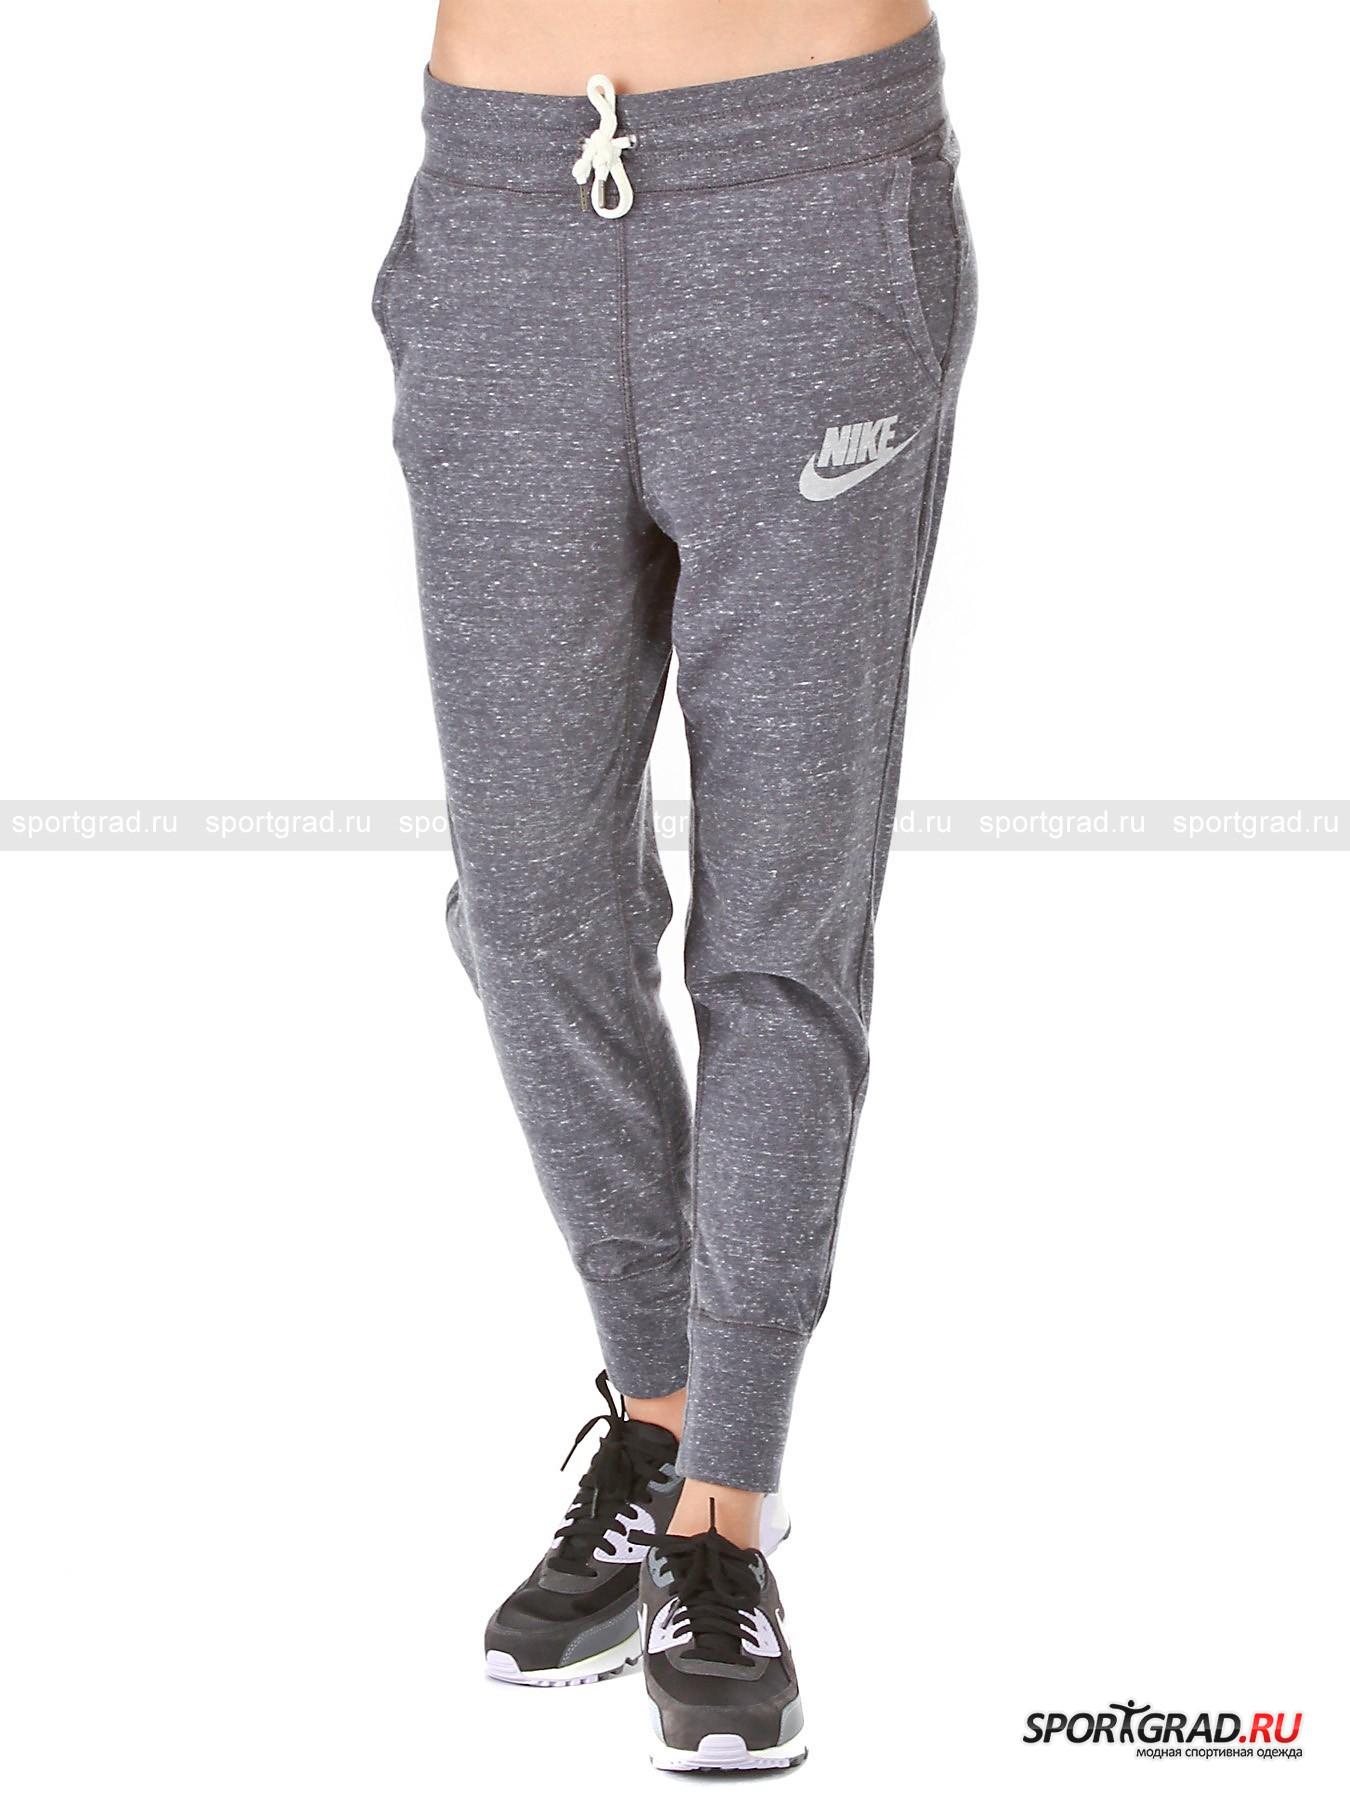 Спортивные брюки мужские трикотажные с доставкой